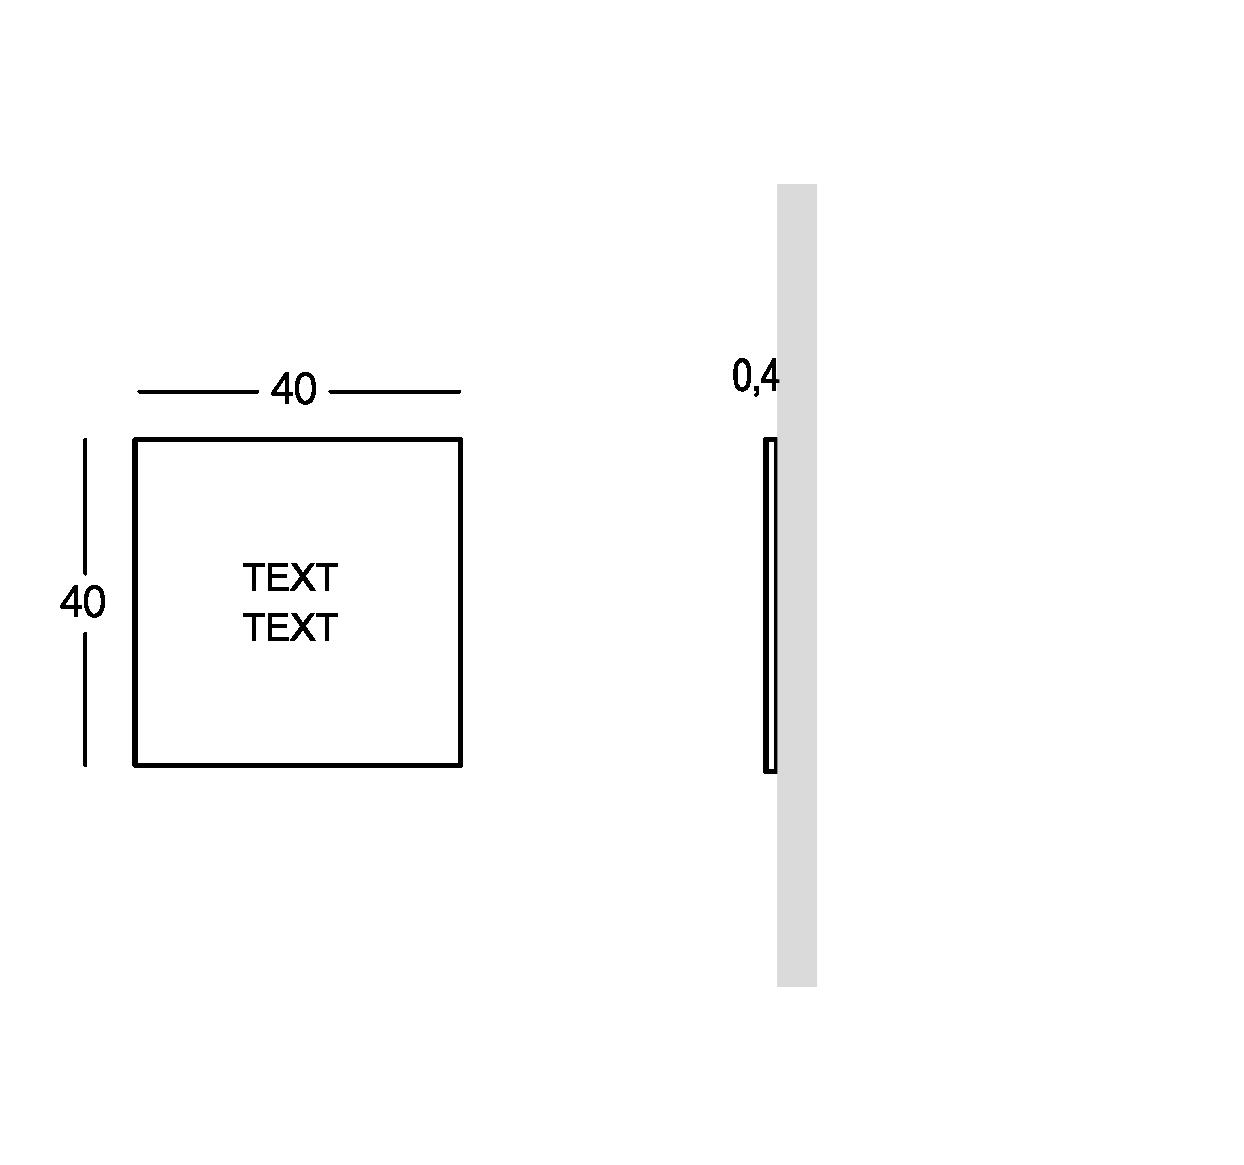 Plaque pour extérieur avec caractères perforés et remplis. Petit modèle